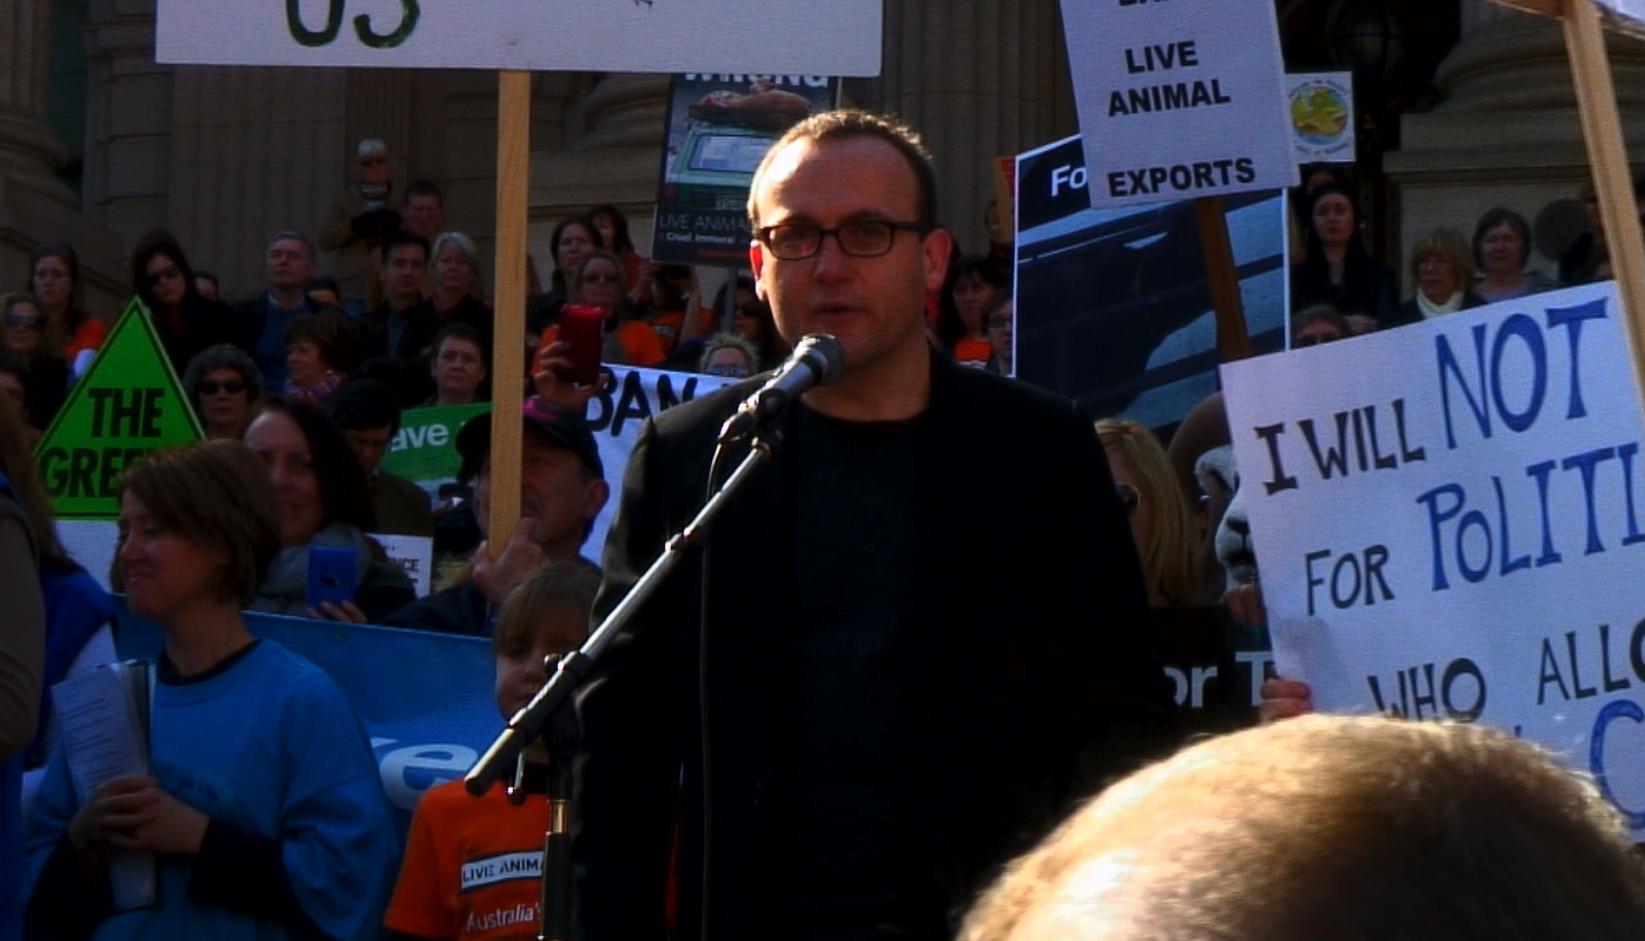 Adam Bandt- Fed member of Parliament